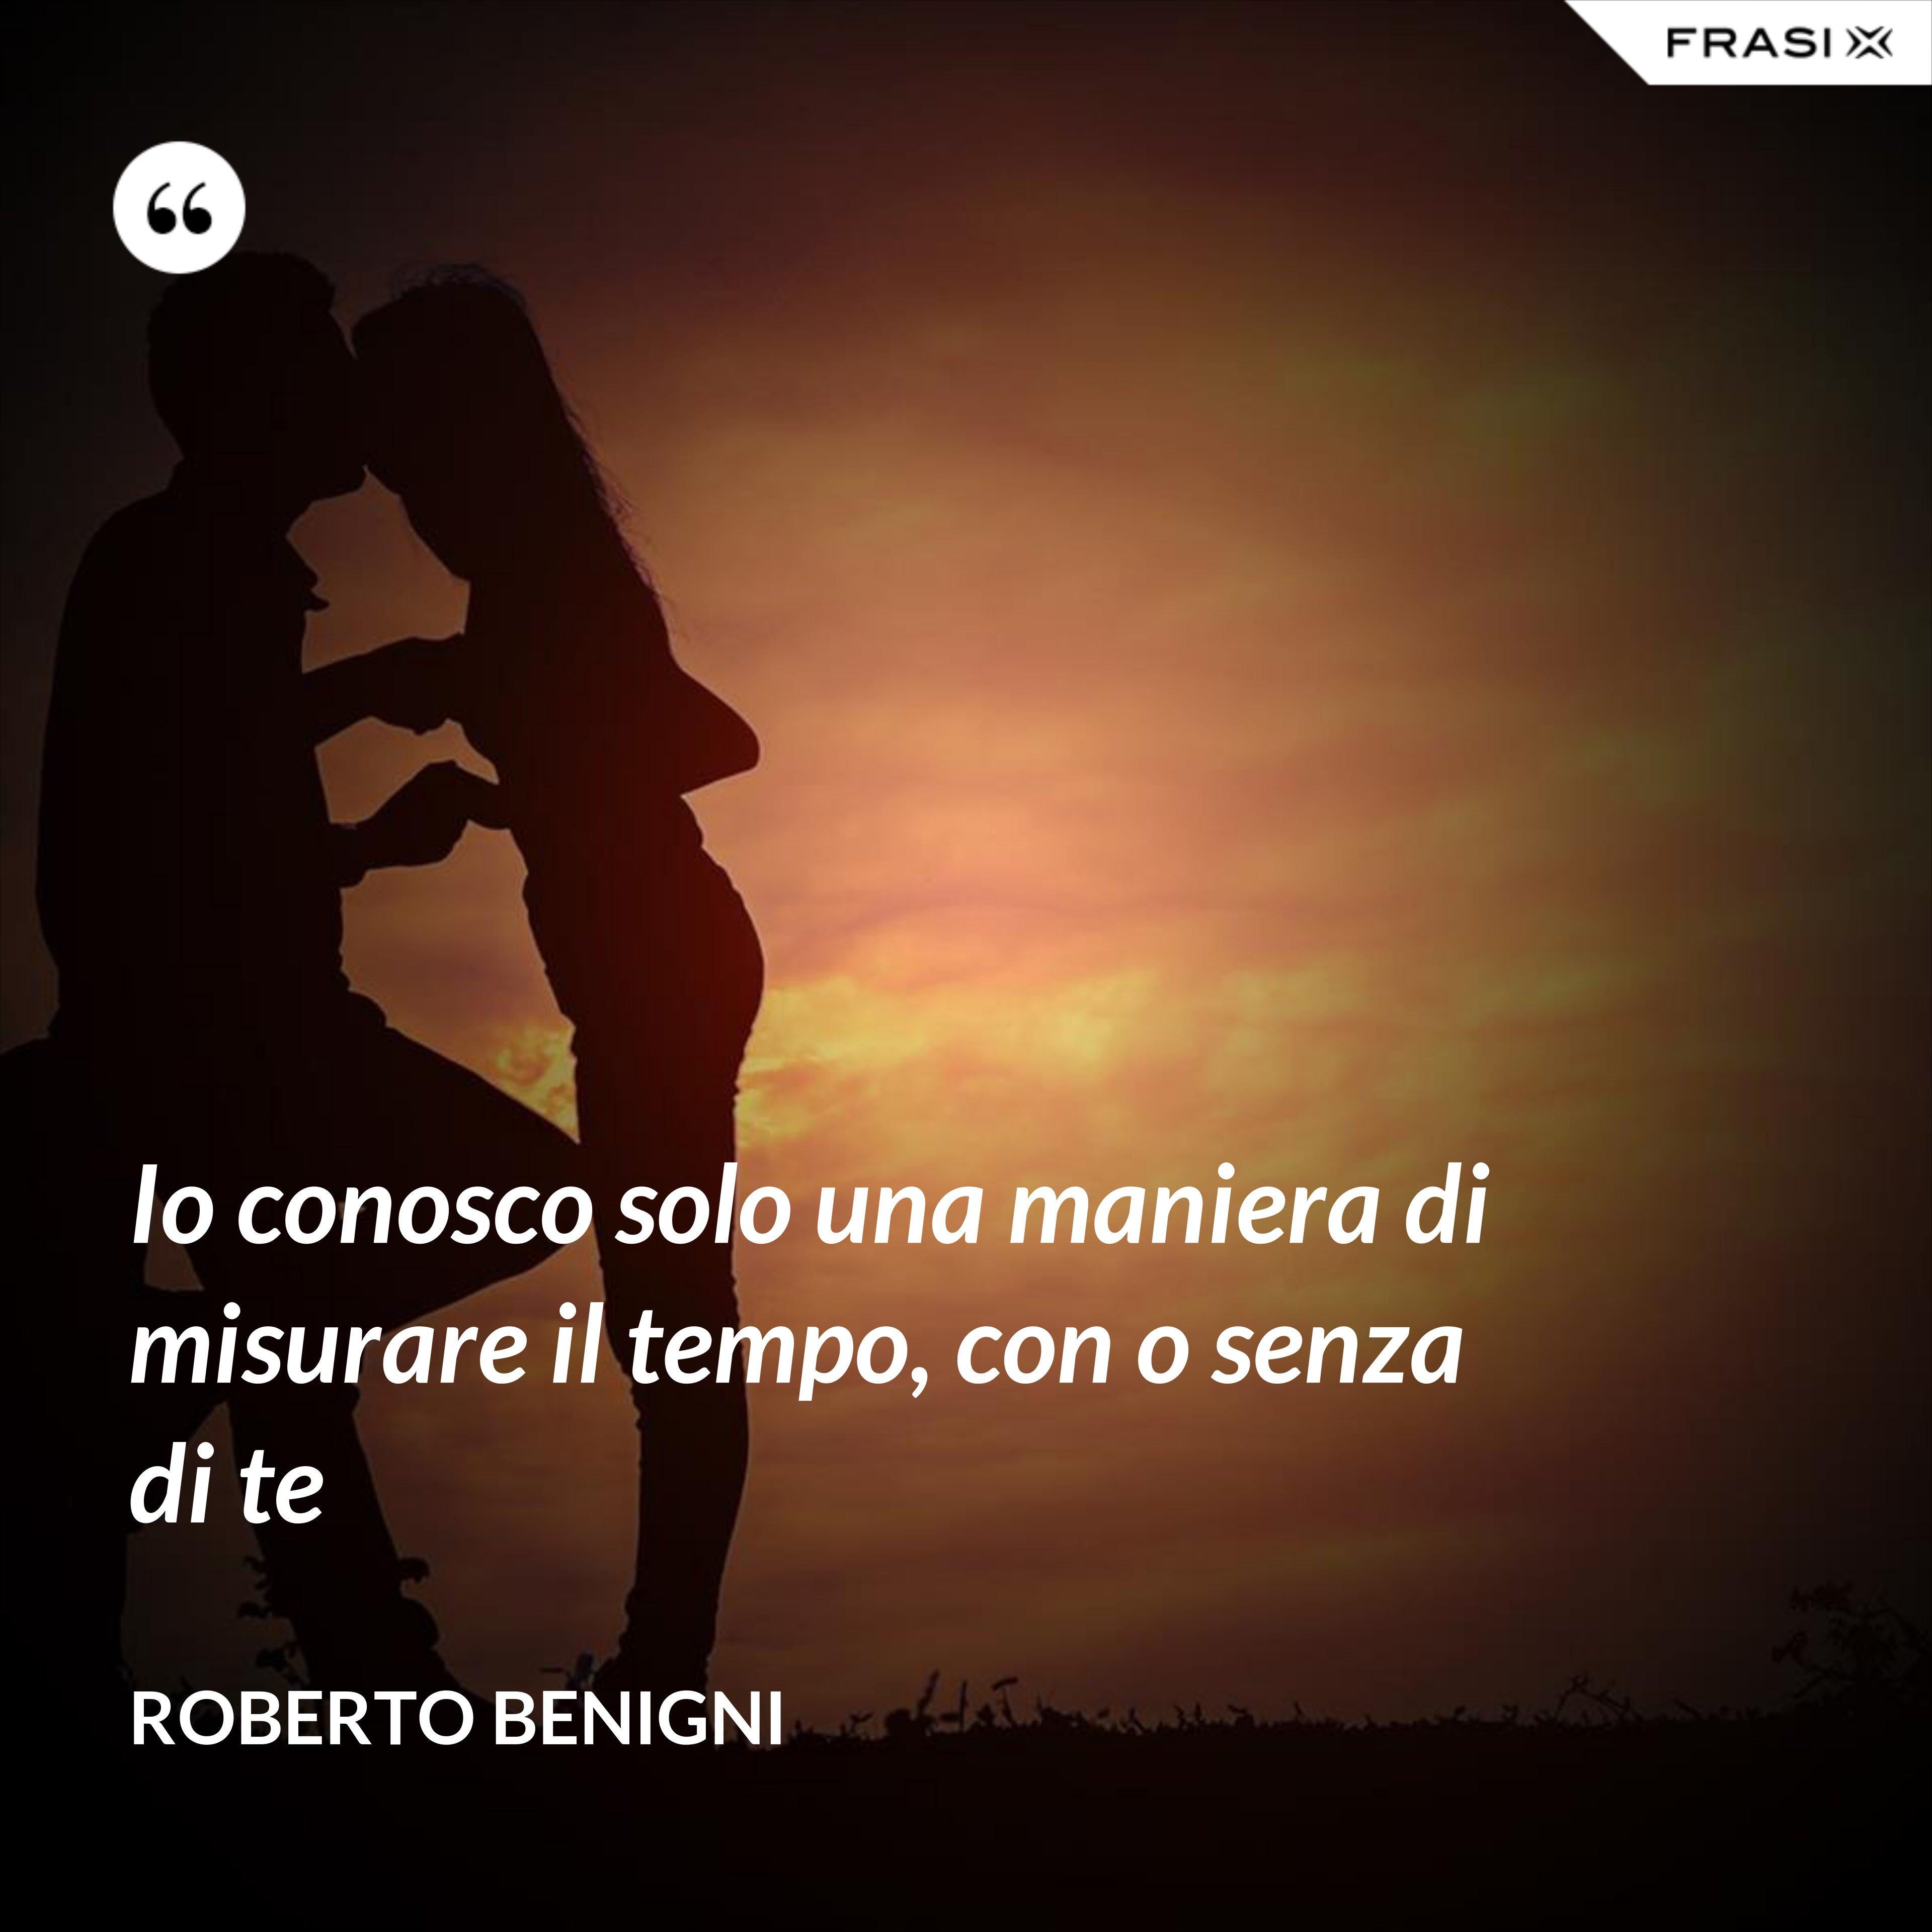 Io conosco solo una maniera di misurare il tempo, con o senza di te - Roberto Benigni